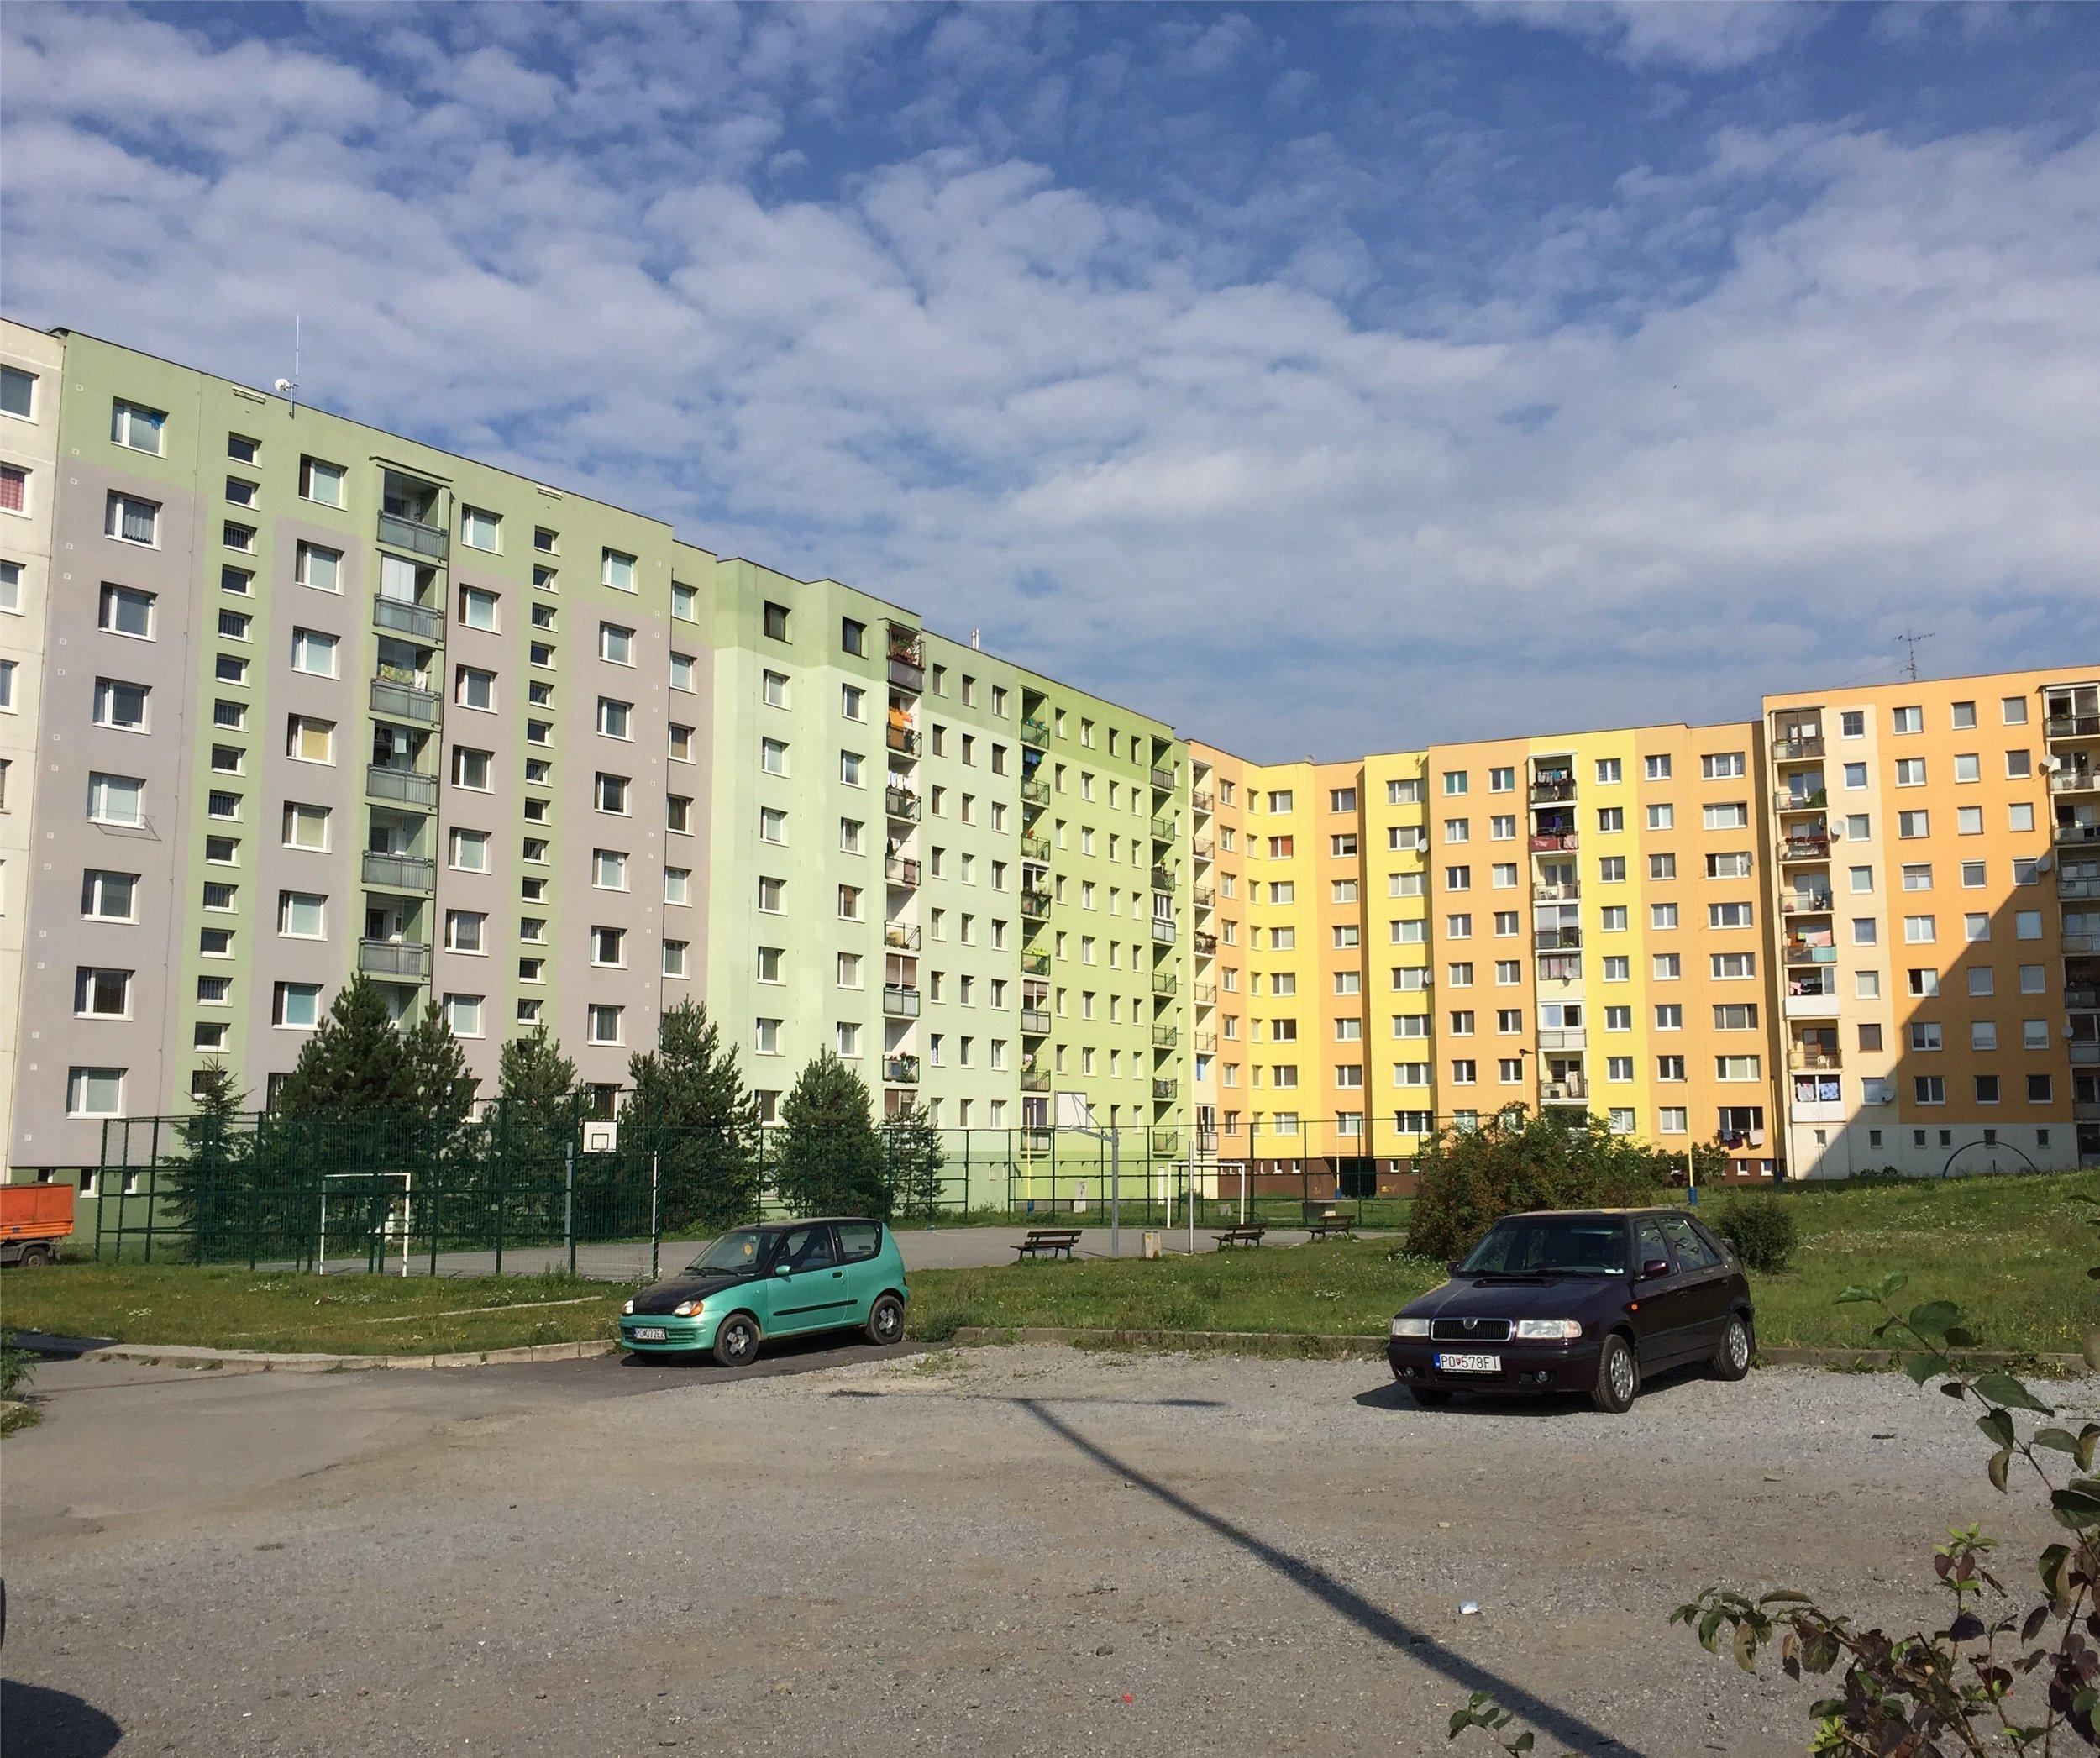 Blocks in Prešov.